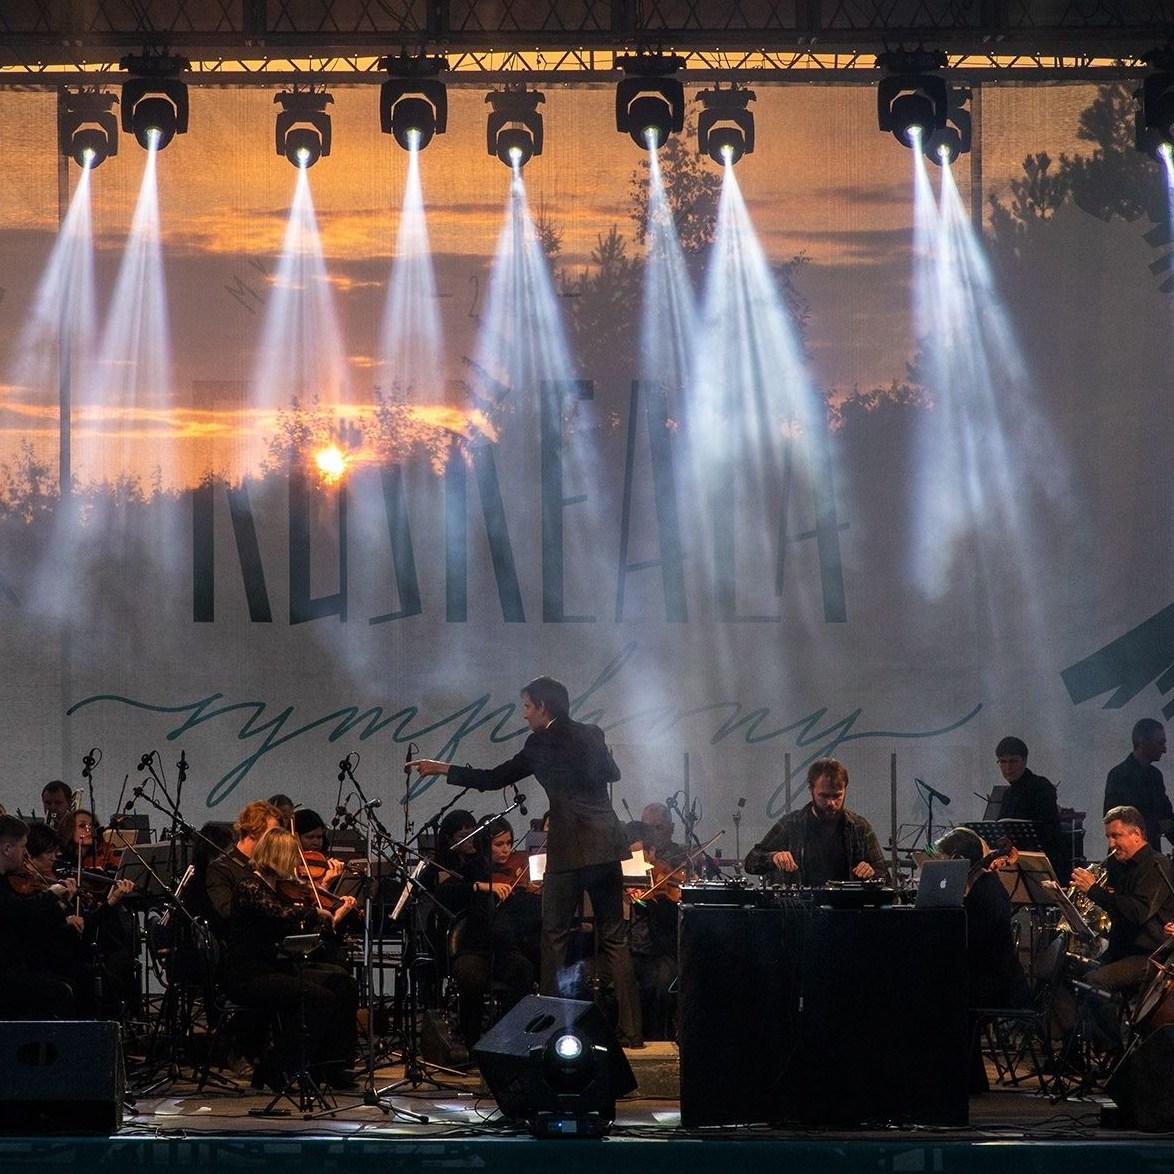 Поездка намузыкальный фестиваль Ruskeala Symphony вКарелии соскидкой 51%